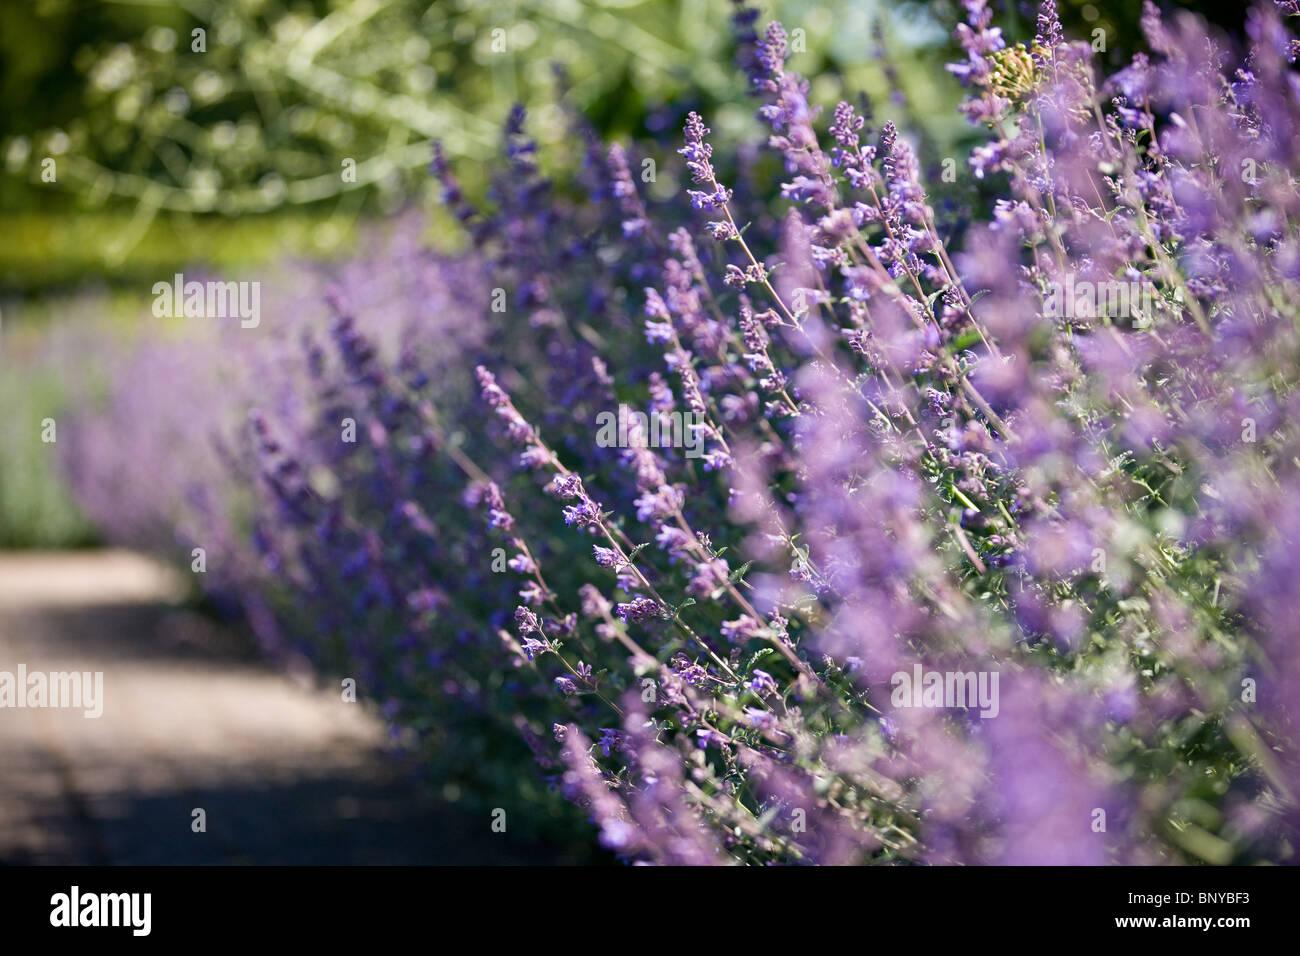 Lavender in flower in summertime - Stock Image